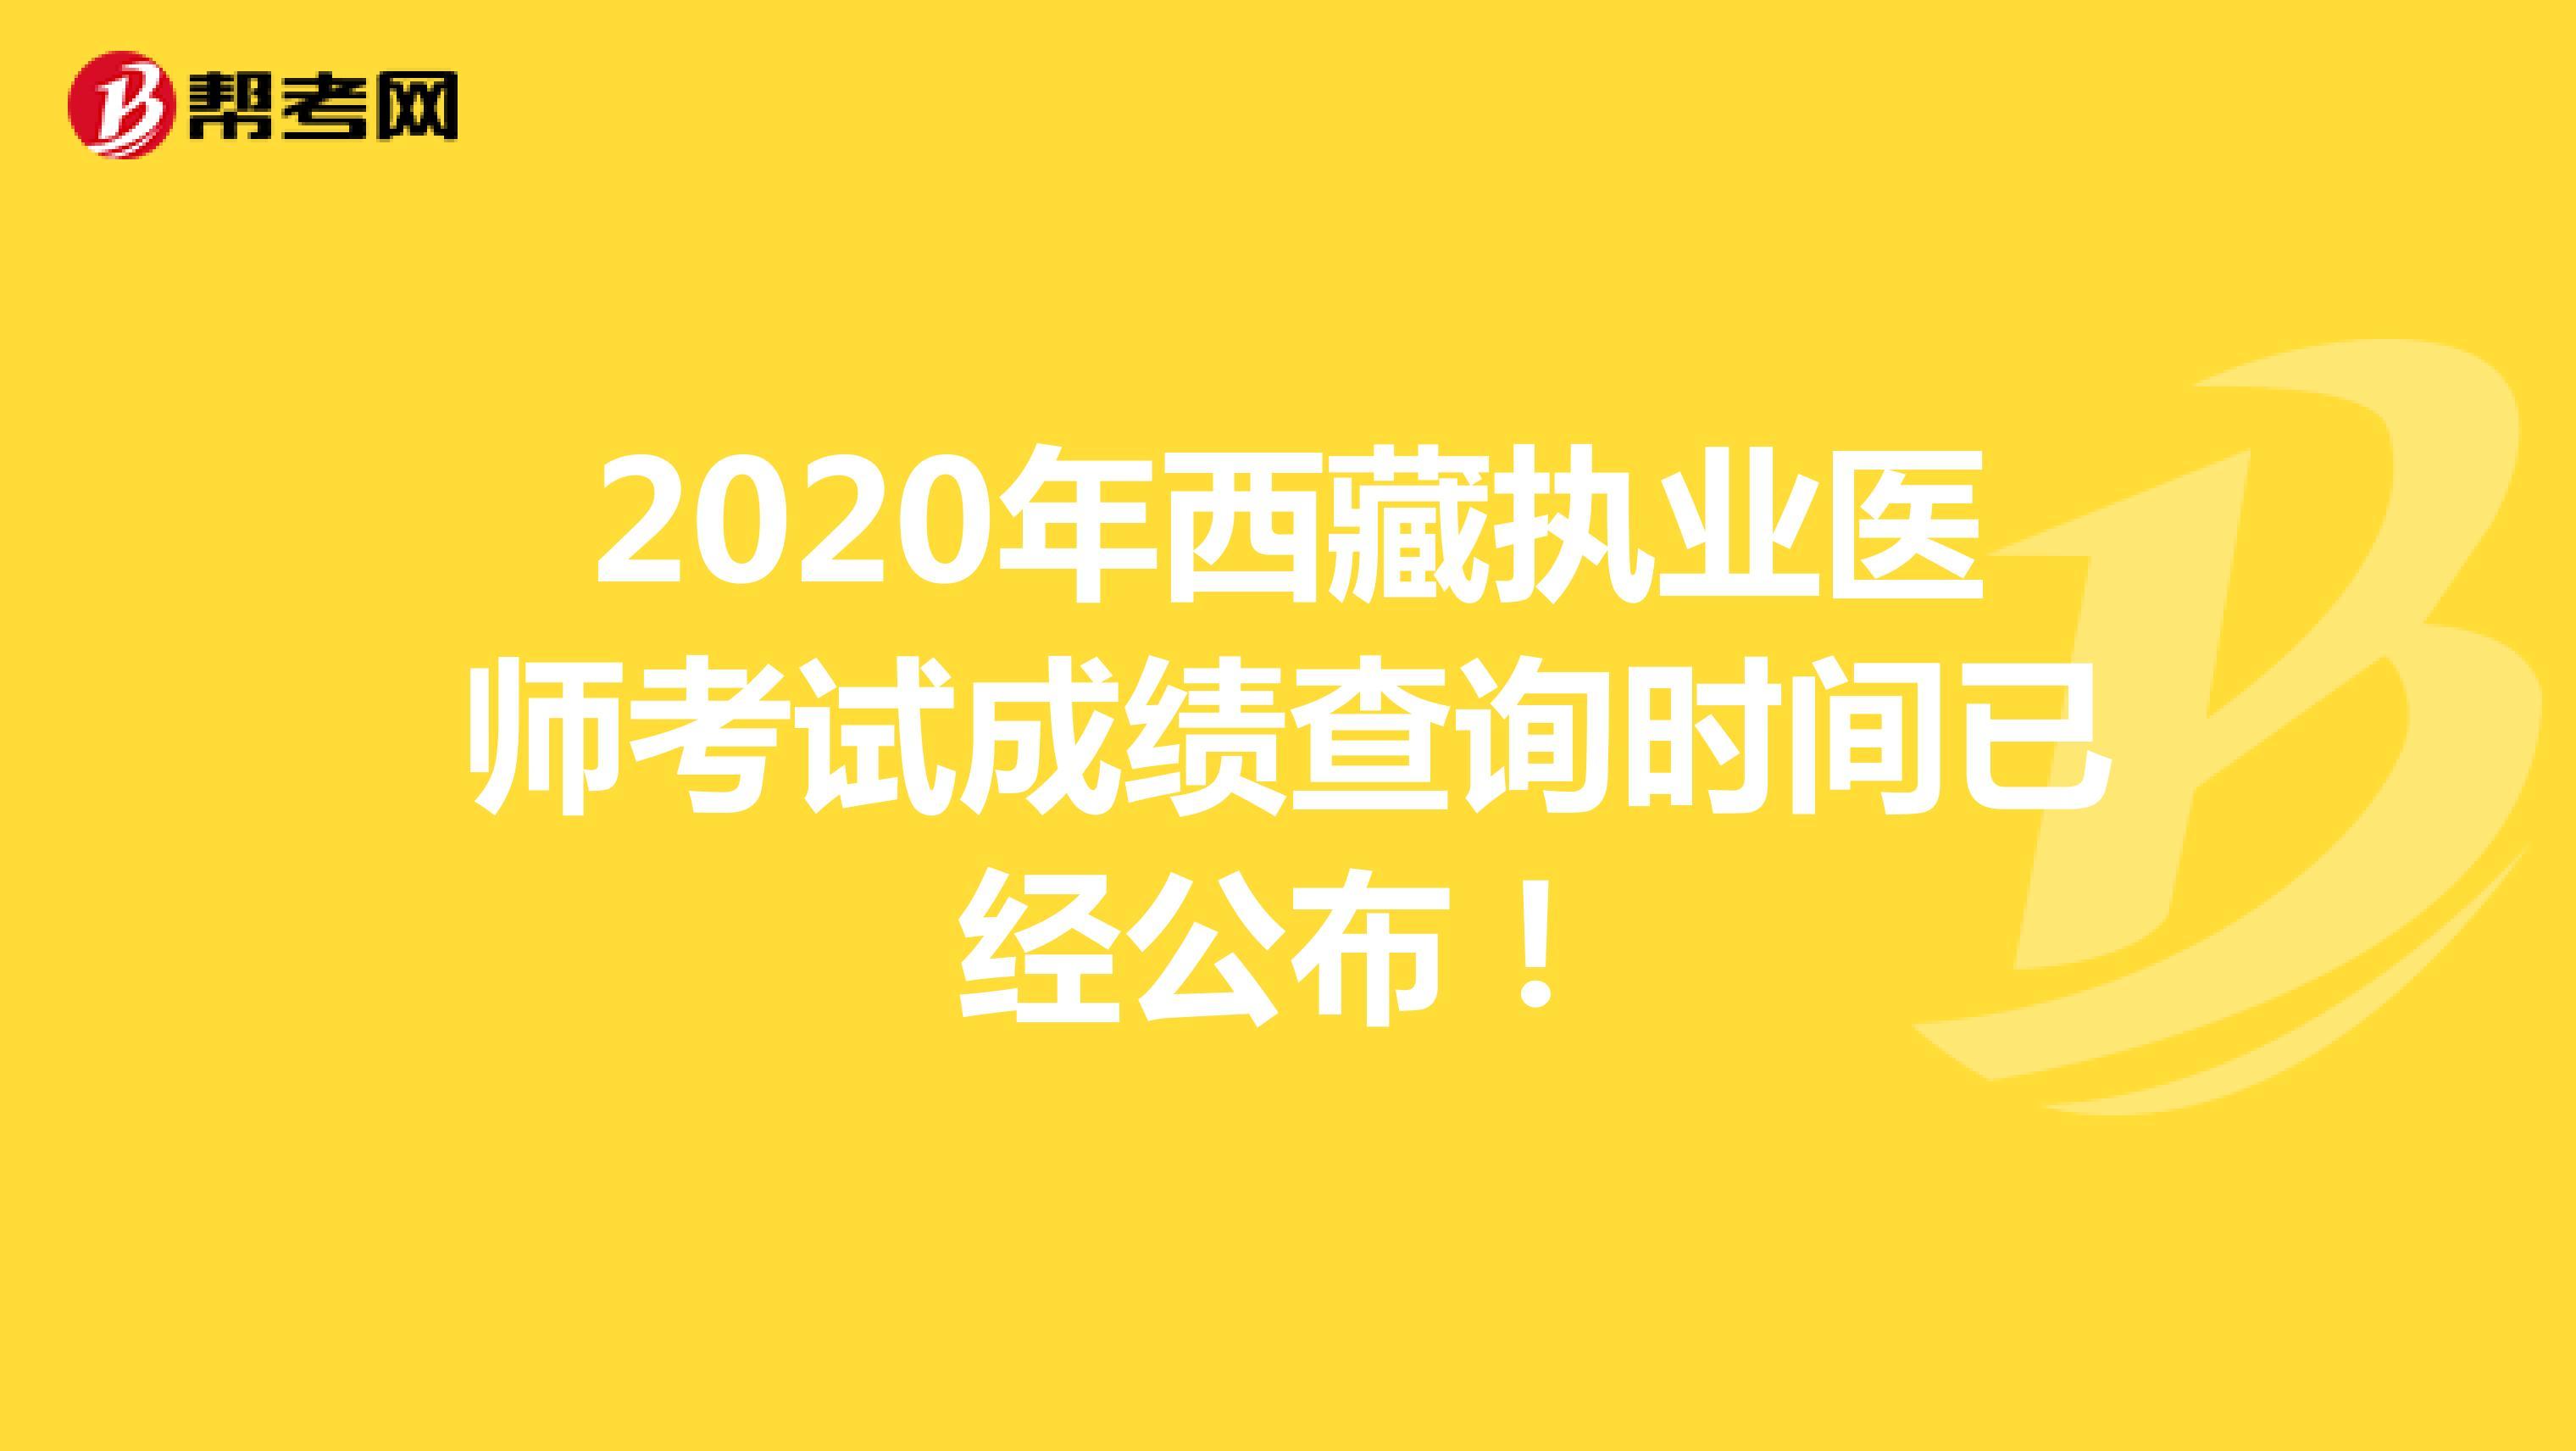 2020年西藏雷火雷火雷火电竞查询时间已经公布!